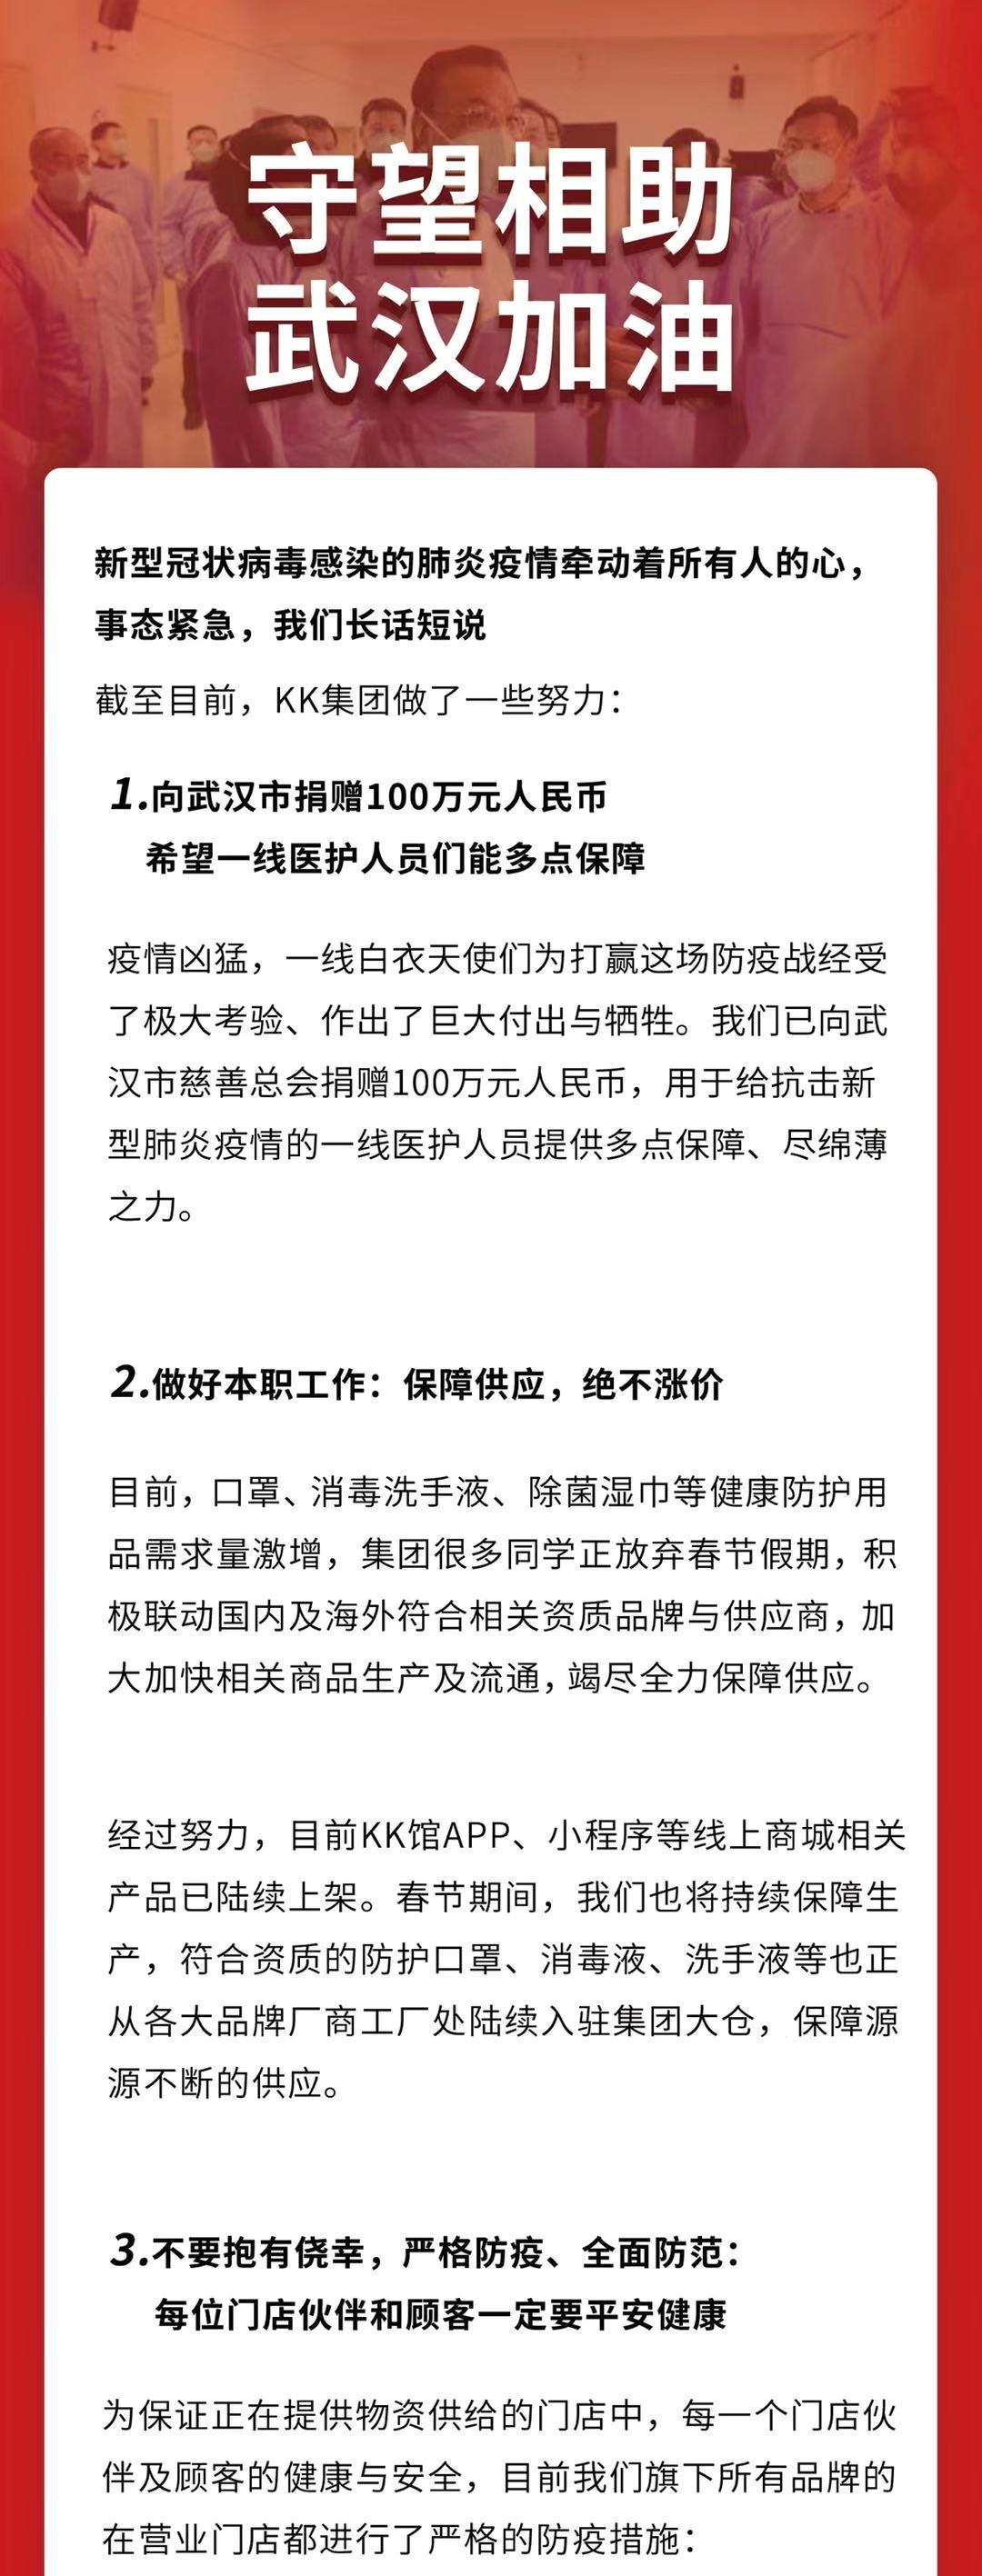 新零售独角兽KK集团向武汉捐款100万用于抗击疫情